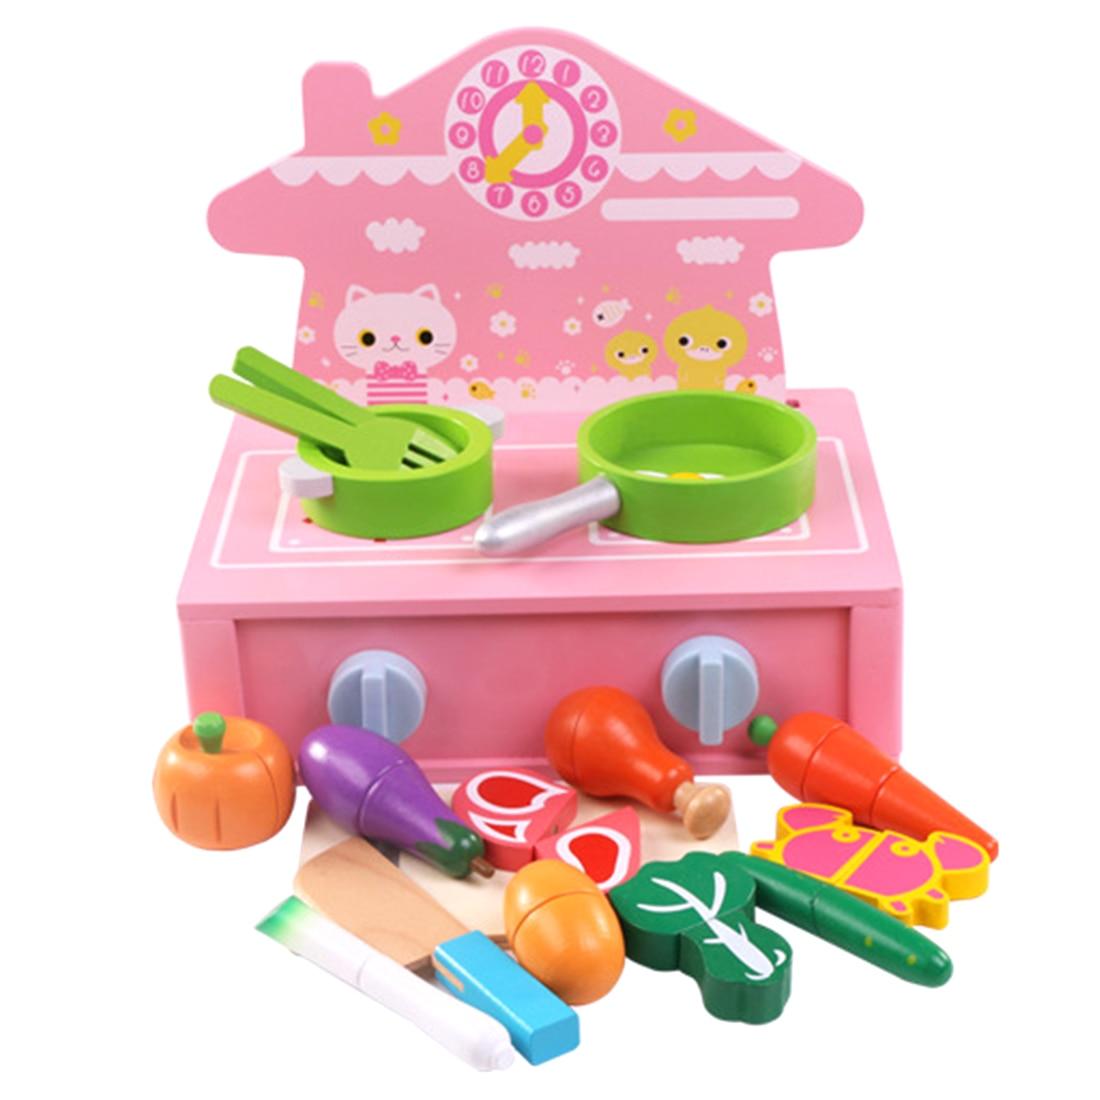 22 pièces enfants semblant jouer jouets magnétisme cuisine cuisinière cuisson coupe Playset pour filles enfants cadeaux d'anniversaire 2019-rose